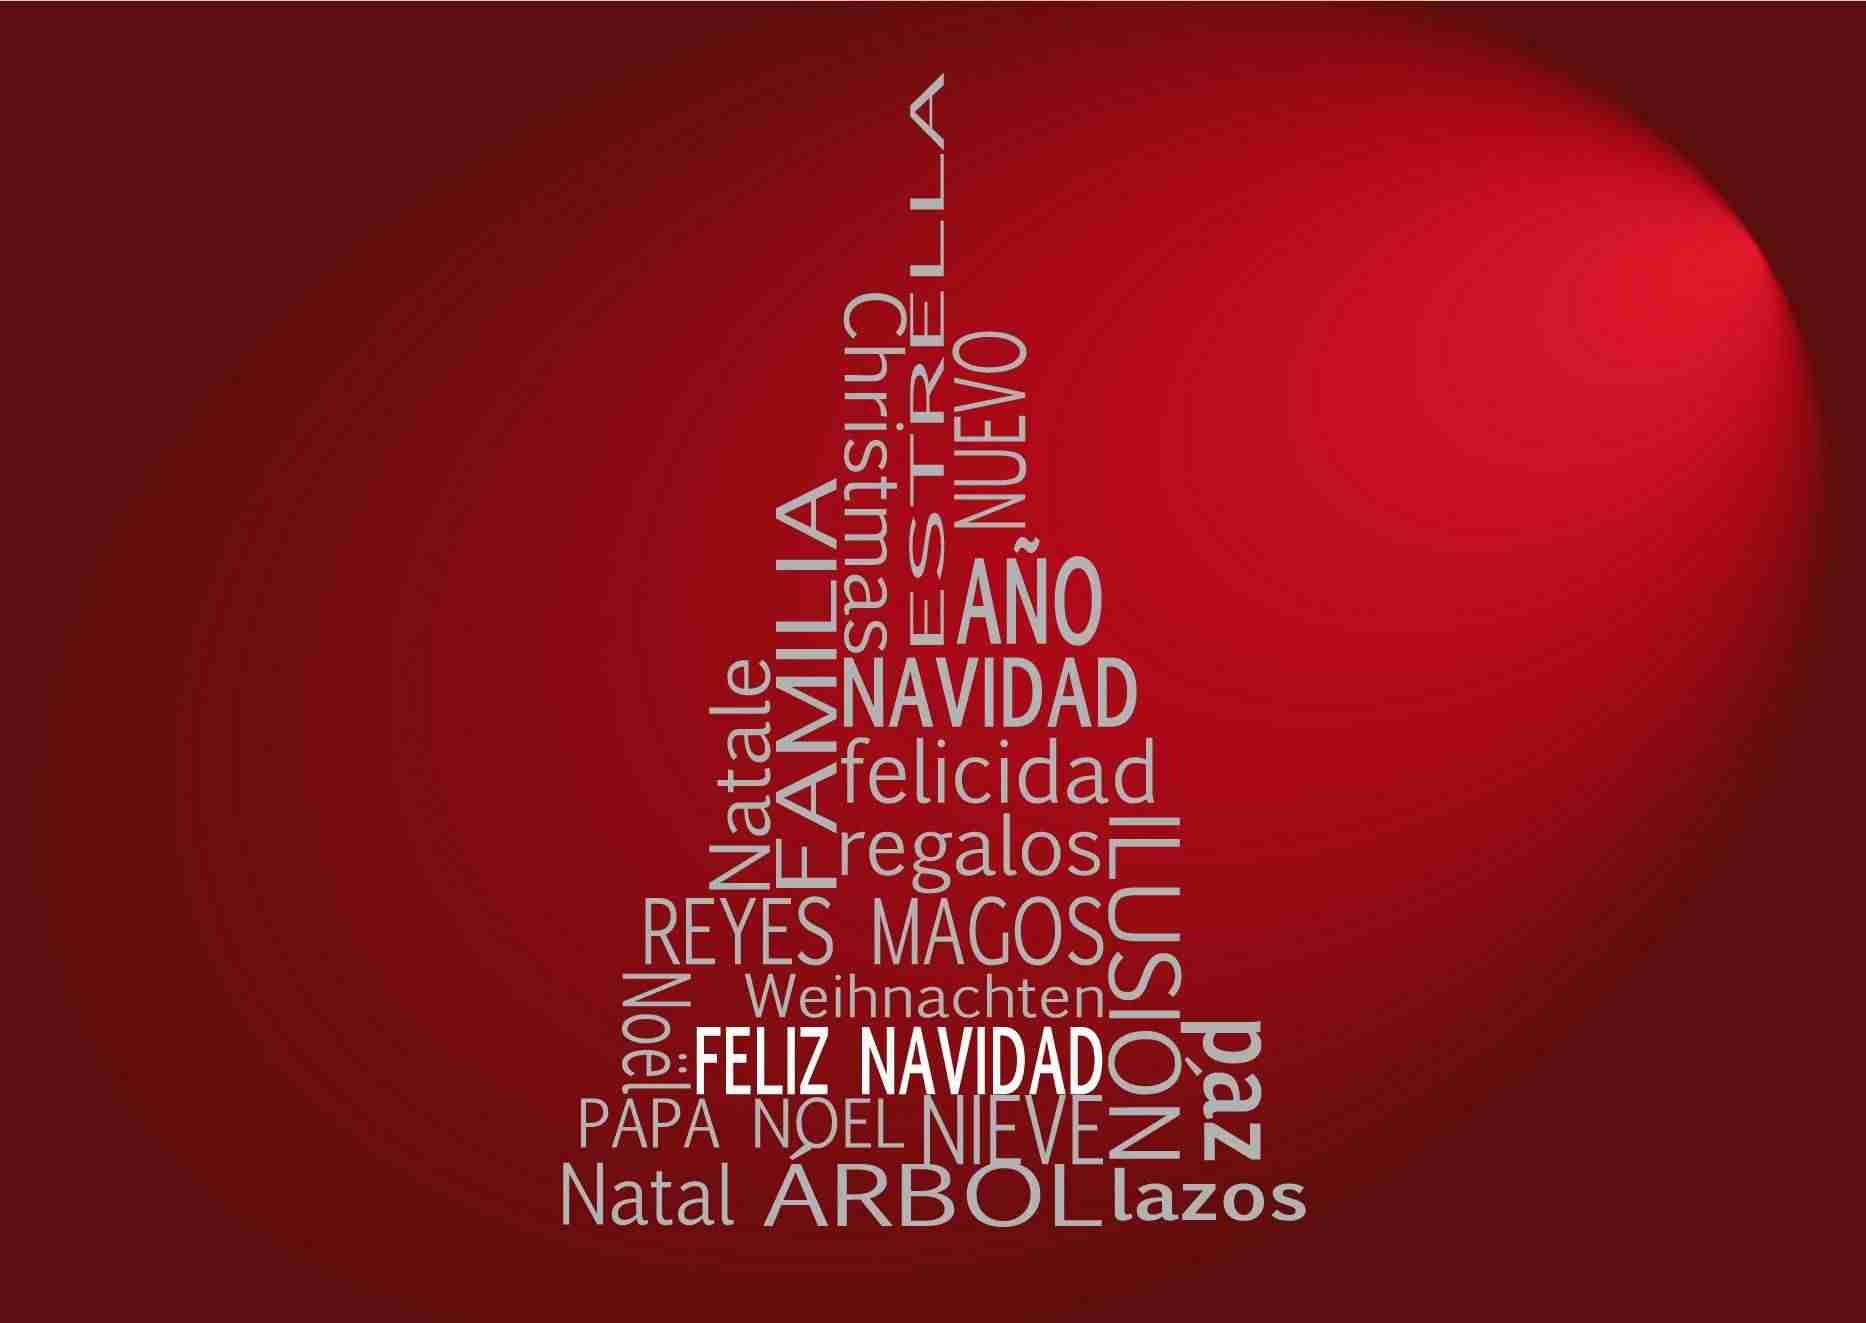 Felicitaciones Navidad Imagenes.Mensajes Para Felicitar La Navidad A Amigos Y Desearles Un